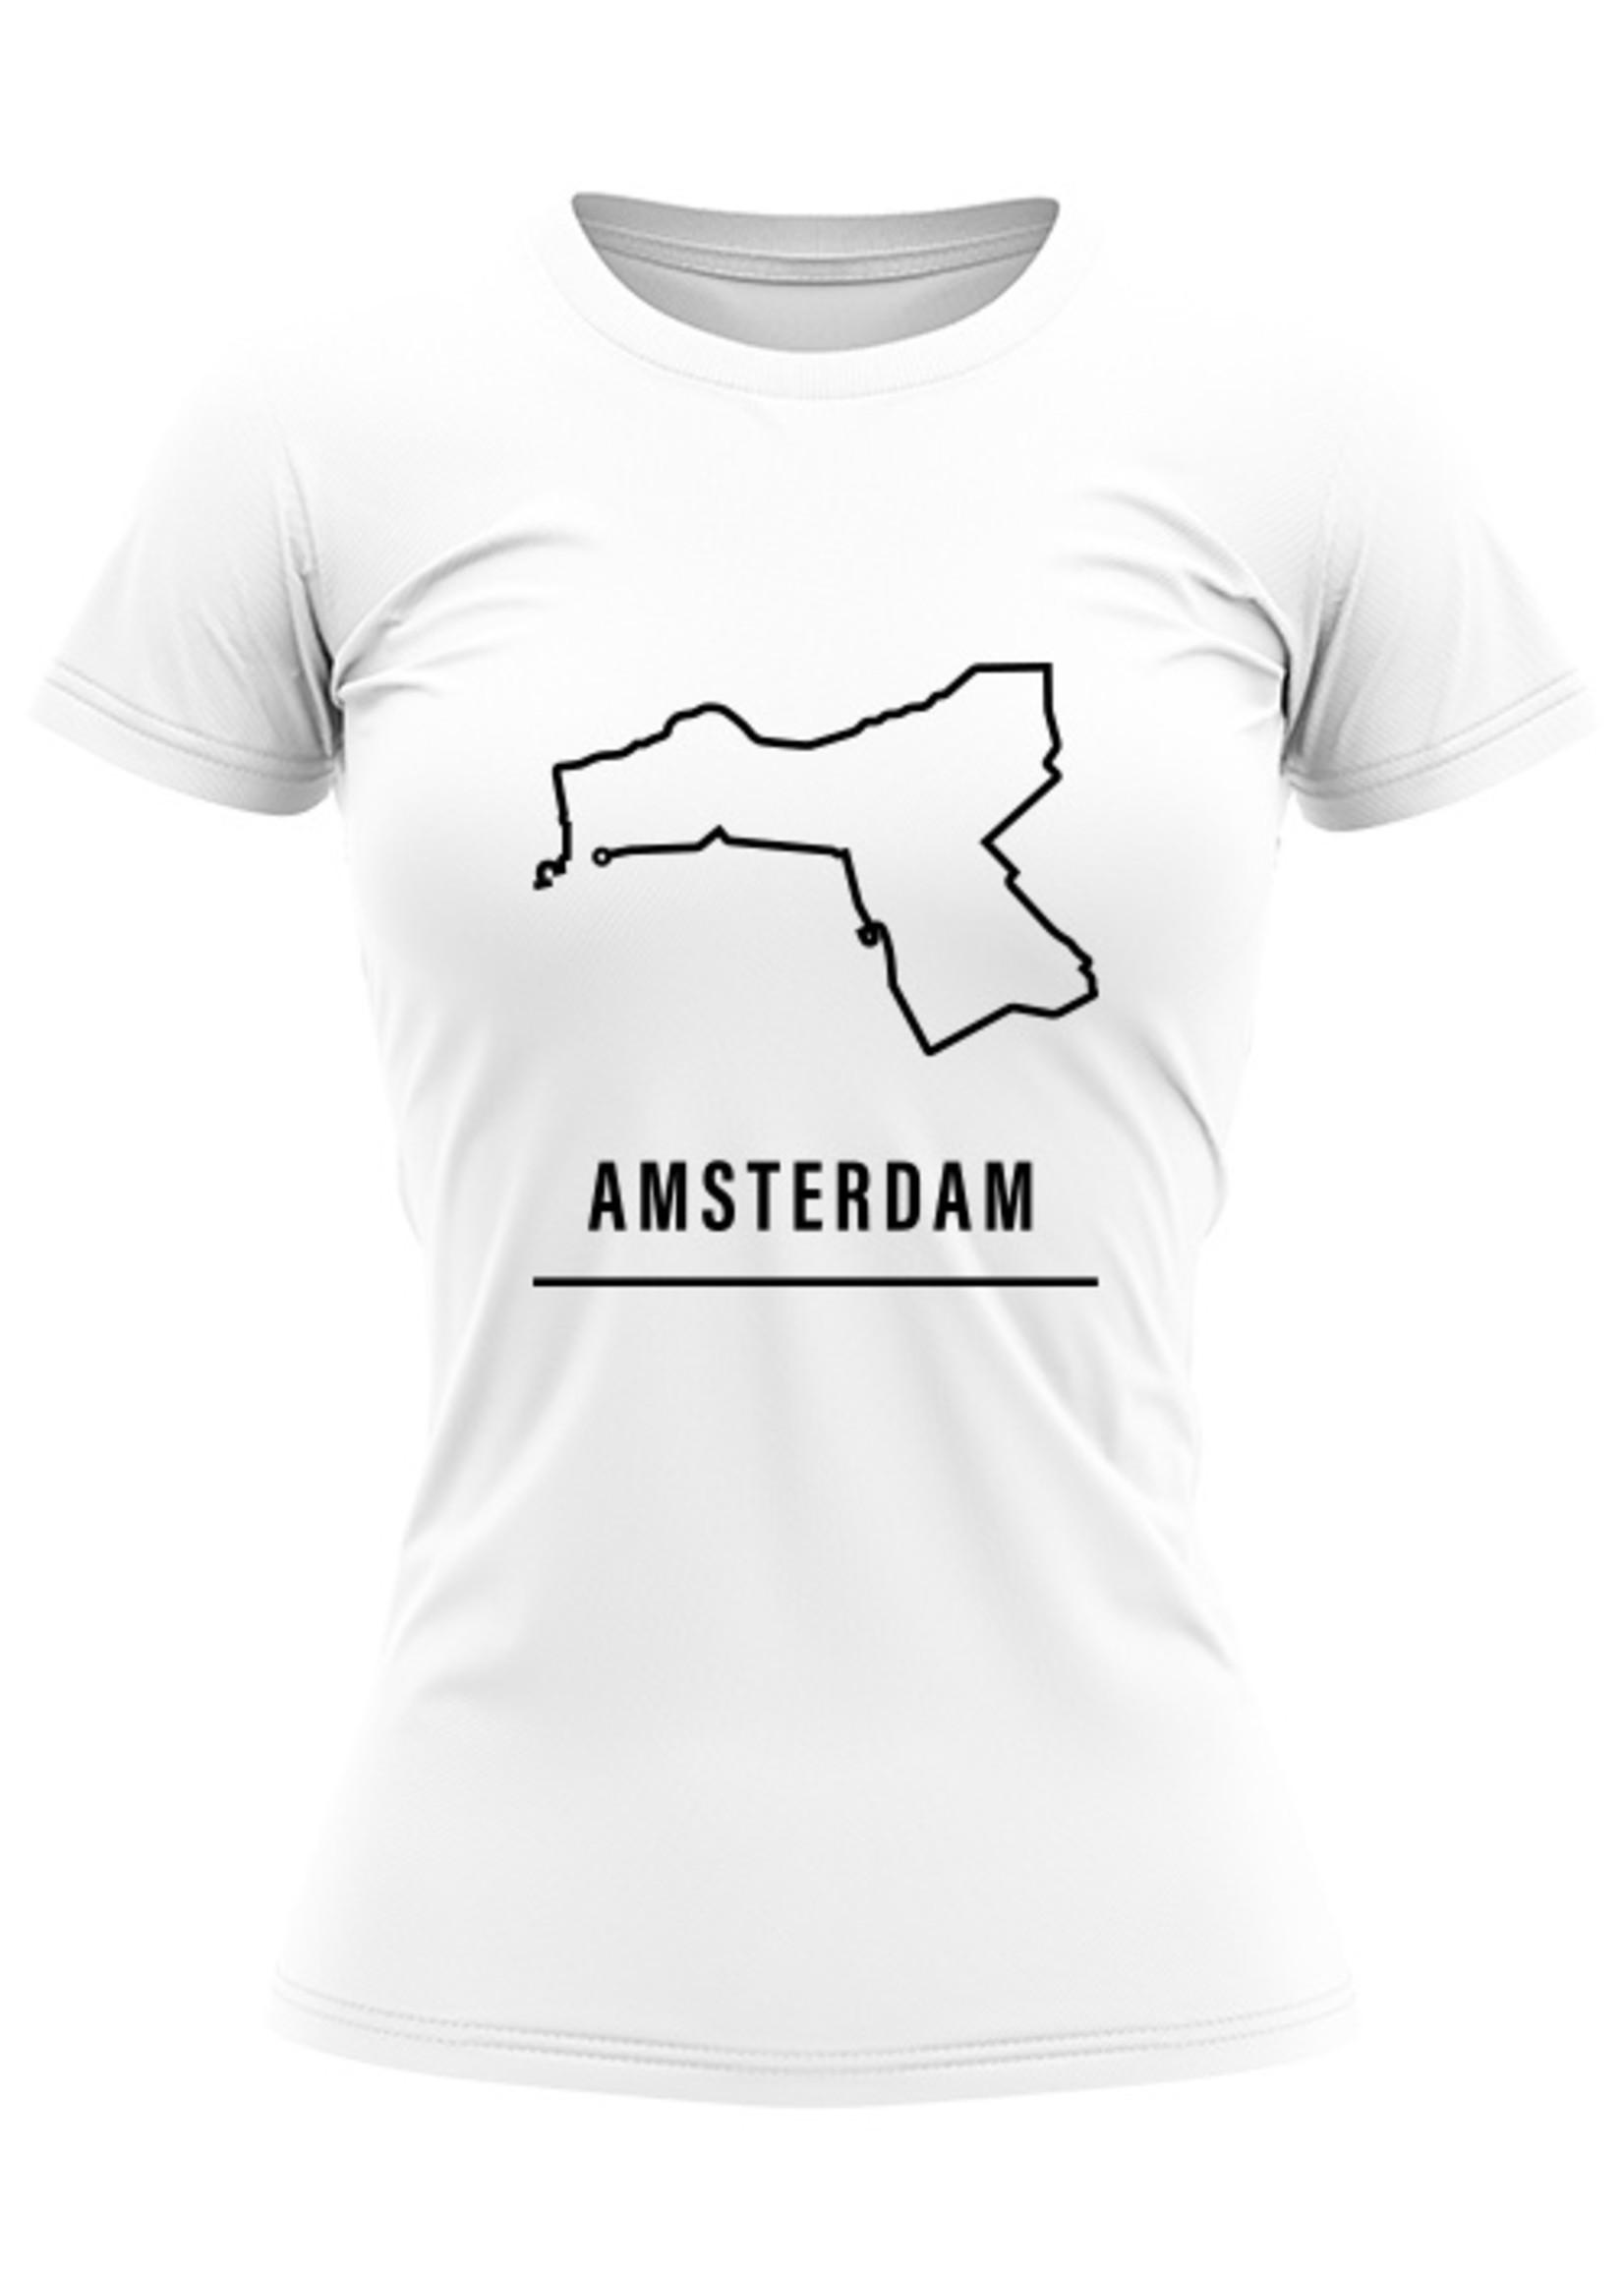 Rebel & Dutch Woman sportshirt Amsterdam halve marathon